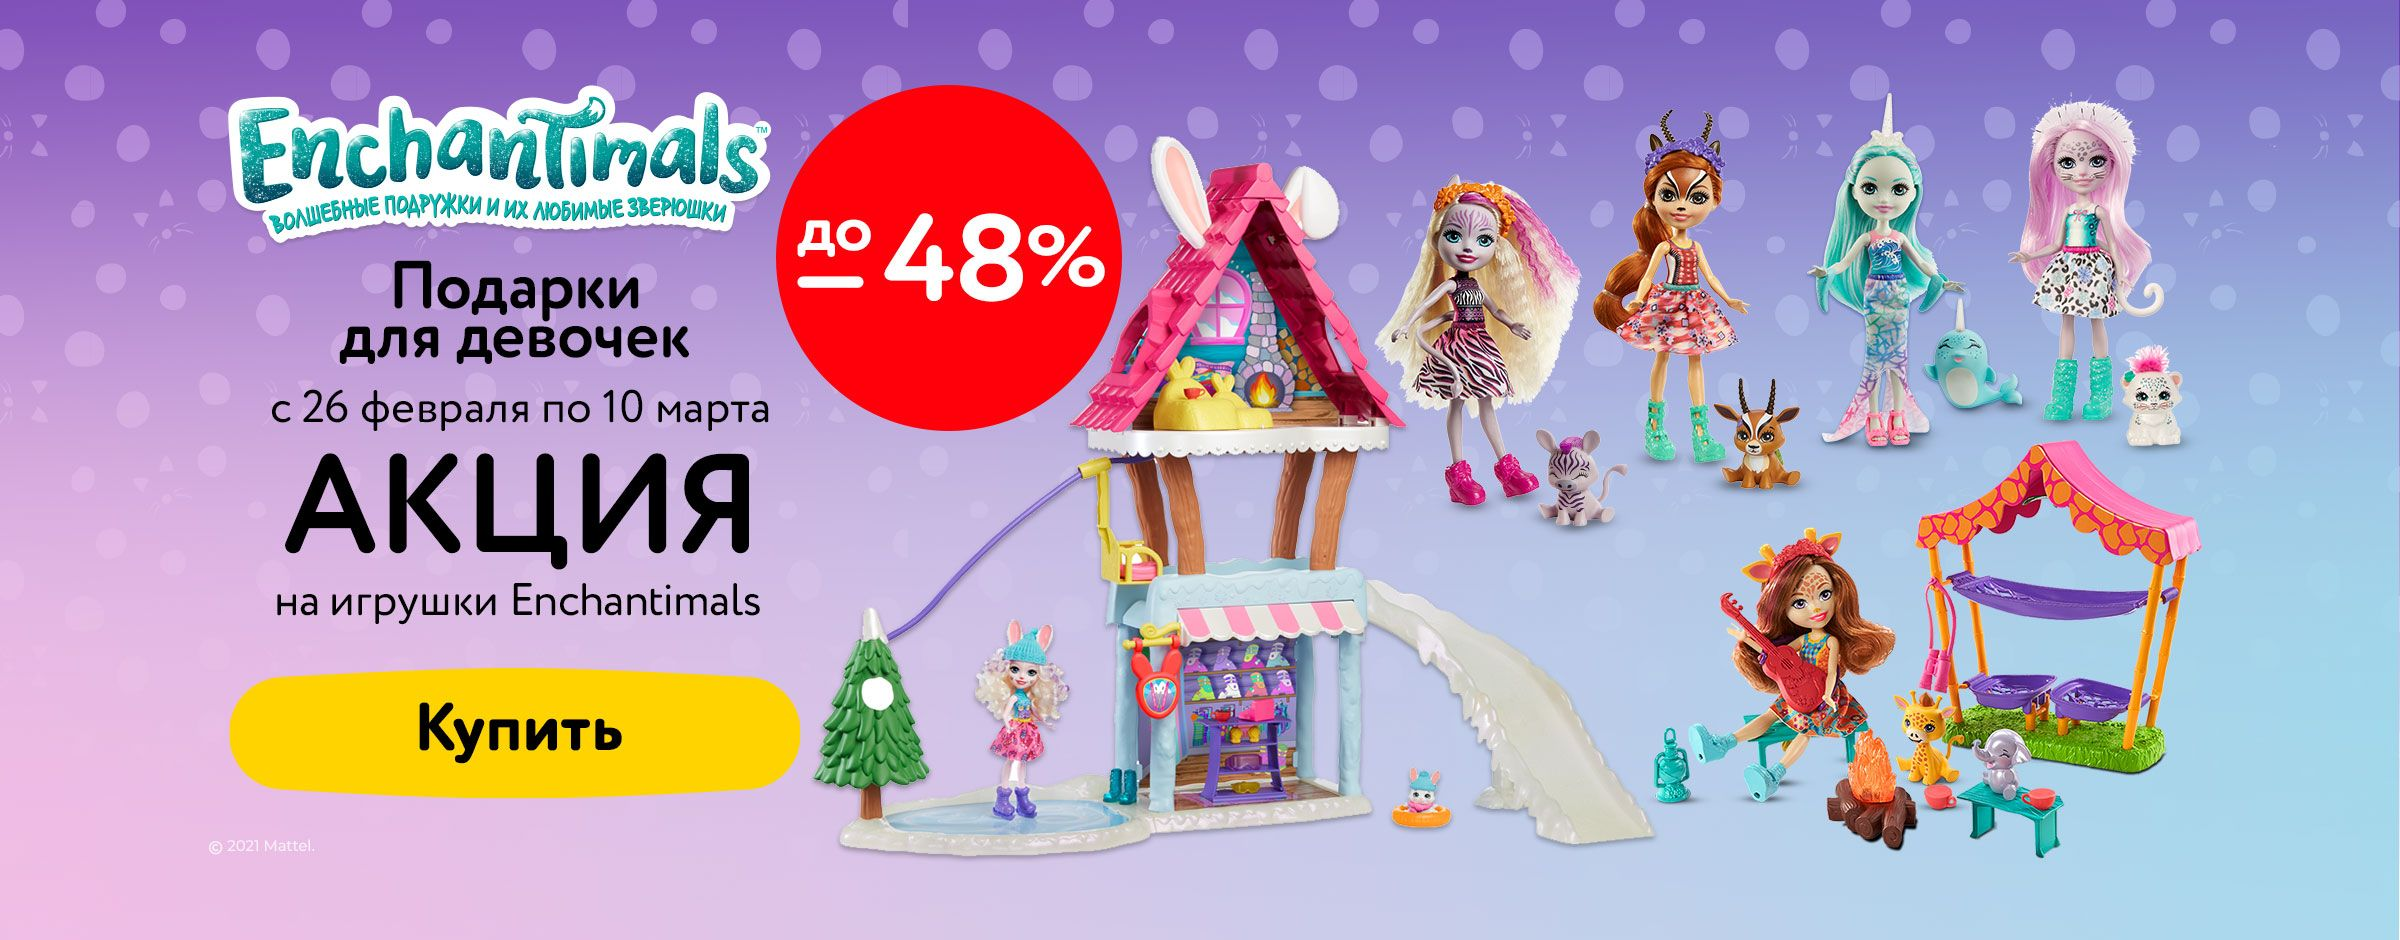 Акция на игрушки Enchantimals статика